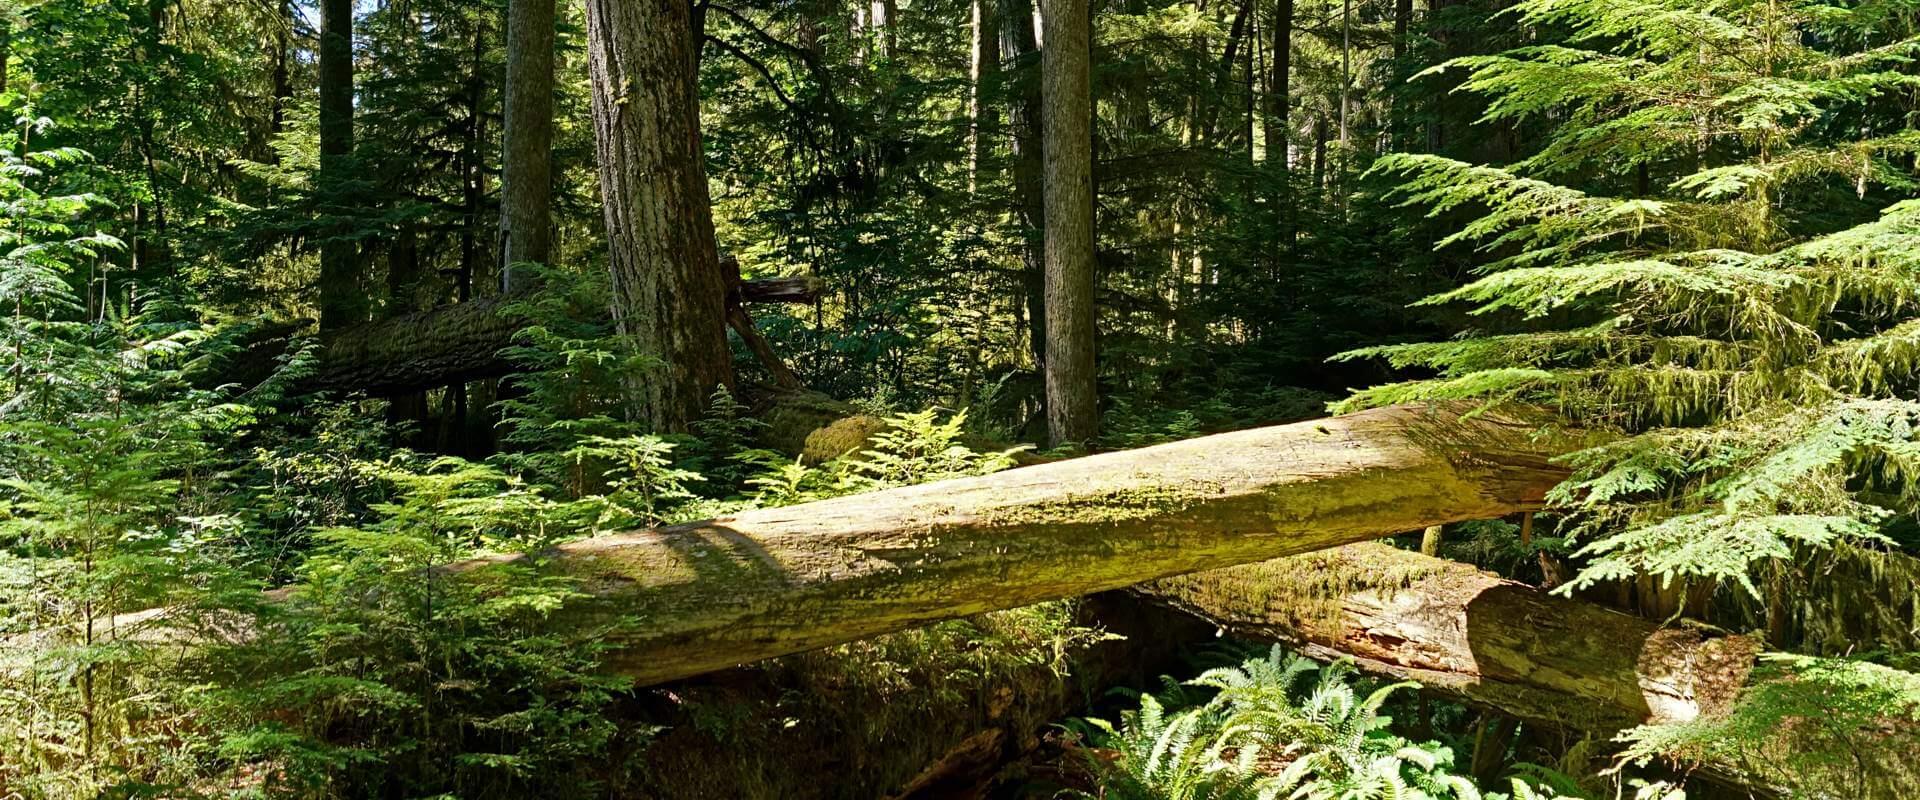 Auf den Spuren außergewöhnlicher Wälder und gewaltiger Bäume in Nordamerika